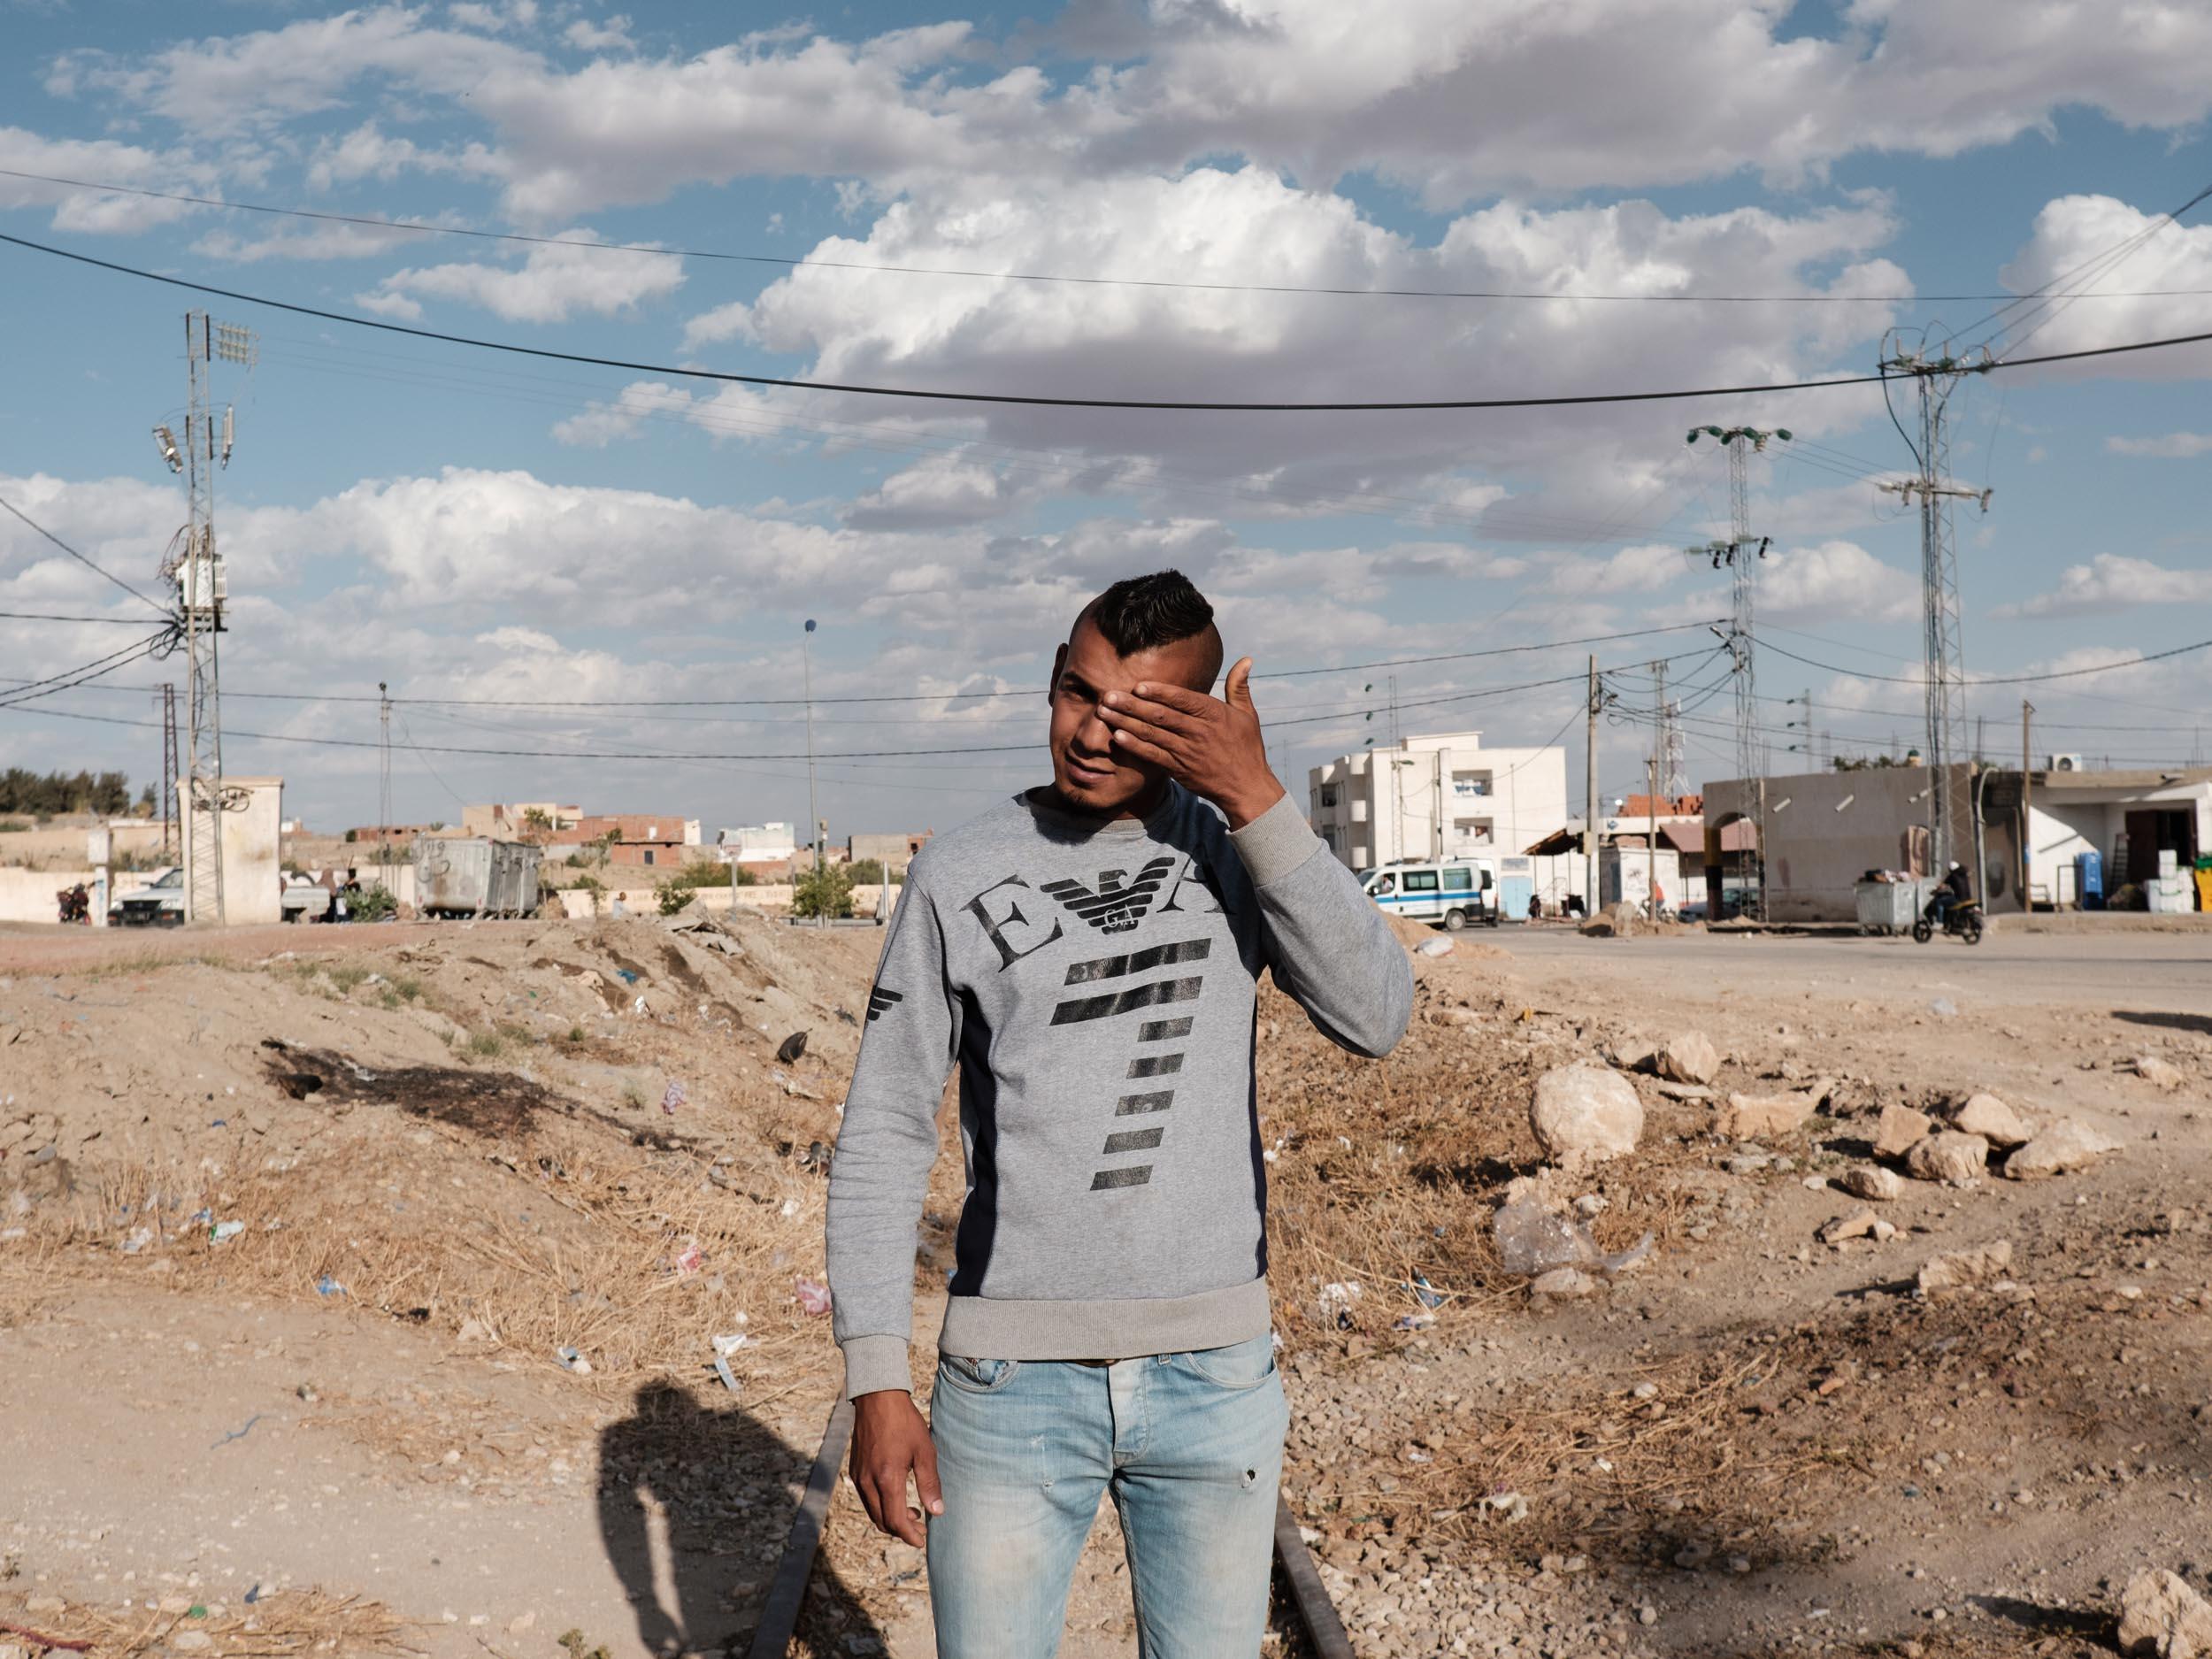 Metlaoui, mai 2018  Khams, 21 ans, vit de petits travaux journaliers. Il a participé aux manifestations de janvier 2018 avec d'autres jeunes chômeurs ayant ete refusé aux concours organises pas la Compagnie de Phosphate de Gafsa (CPG), visant à recruter 1700 agents et ouvriers. 12400 personnes avaient posé leur candidature.  Les jeunes sont dans une situation desperée à Metlaoui. La seule source de travail reste l'entreprise publique de la CPG, principal pourvoyeur de travail de la région. Mais le peu de recrutement depuis de nombreuses années et le manque de perspectives dans d'autres secteurs économiques poussent de nombreux jeunes à tenter la traversée de la Mediterrannee pour rejoindre l'Europe.